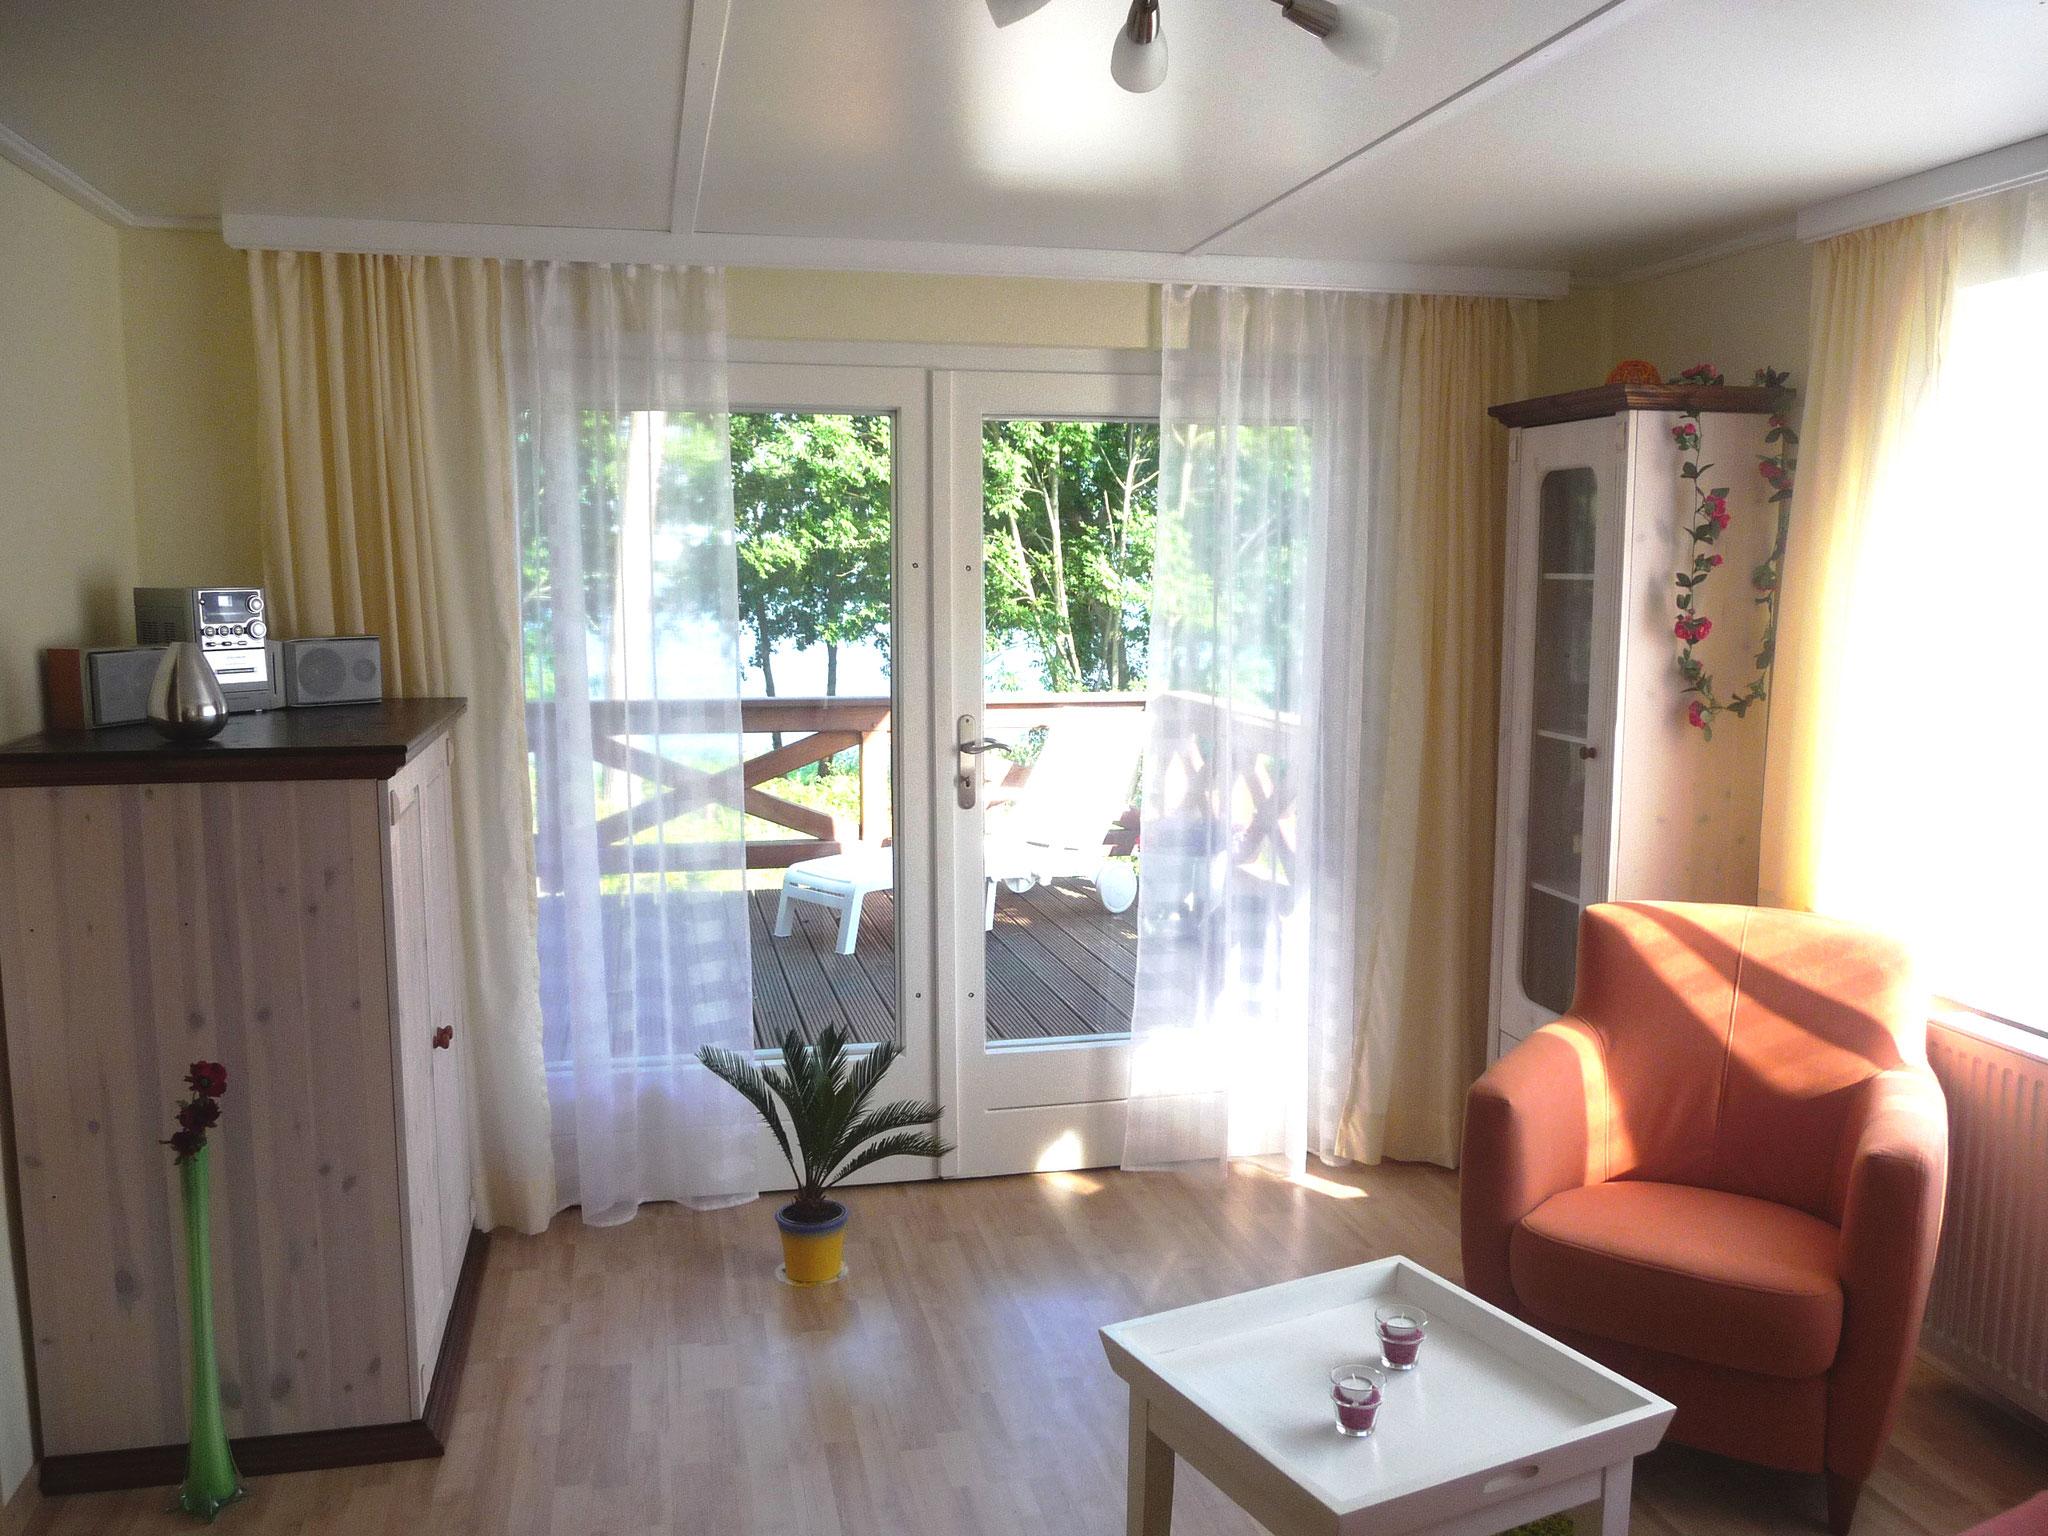 """Ihr Wohnzimmer: Unterhaltung und Entspannung - Komfort und Gemütlichkeit.  Hier bleibt kein Wunsch offen. Fühlen Sie sich wie zu Hause. Eine gemütliche Sitzecke, stilvolle Möbel, machen Ihren Aufenthalt in der """"Stilblüte"""" zum Genuss."""